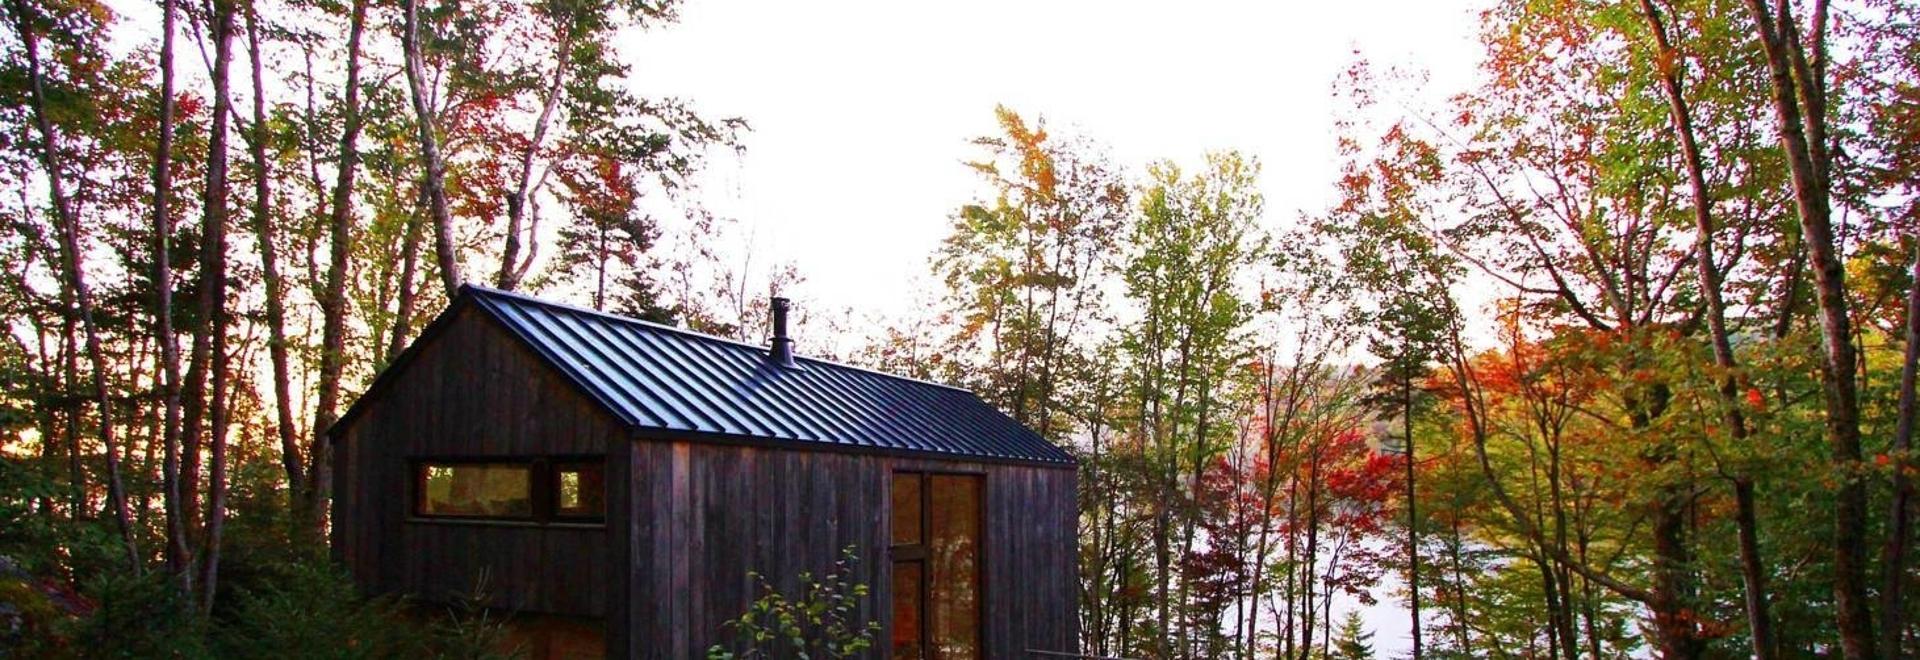 Cabina sul lago remoto / Officina Stonorov